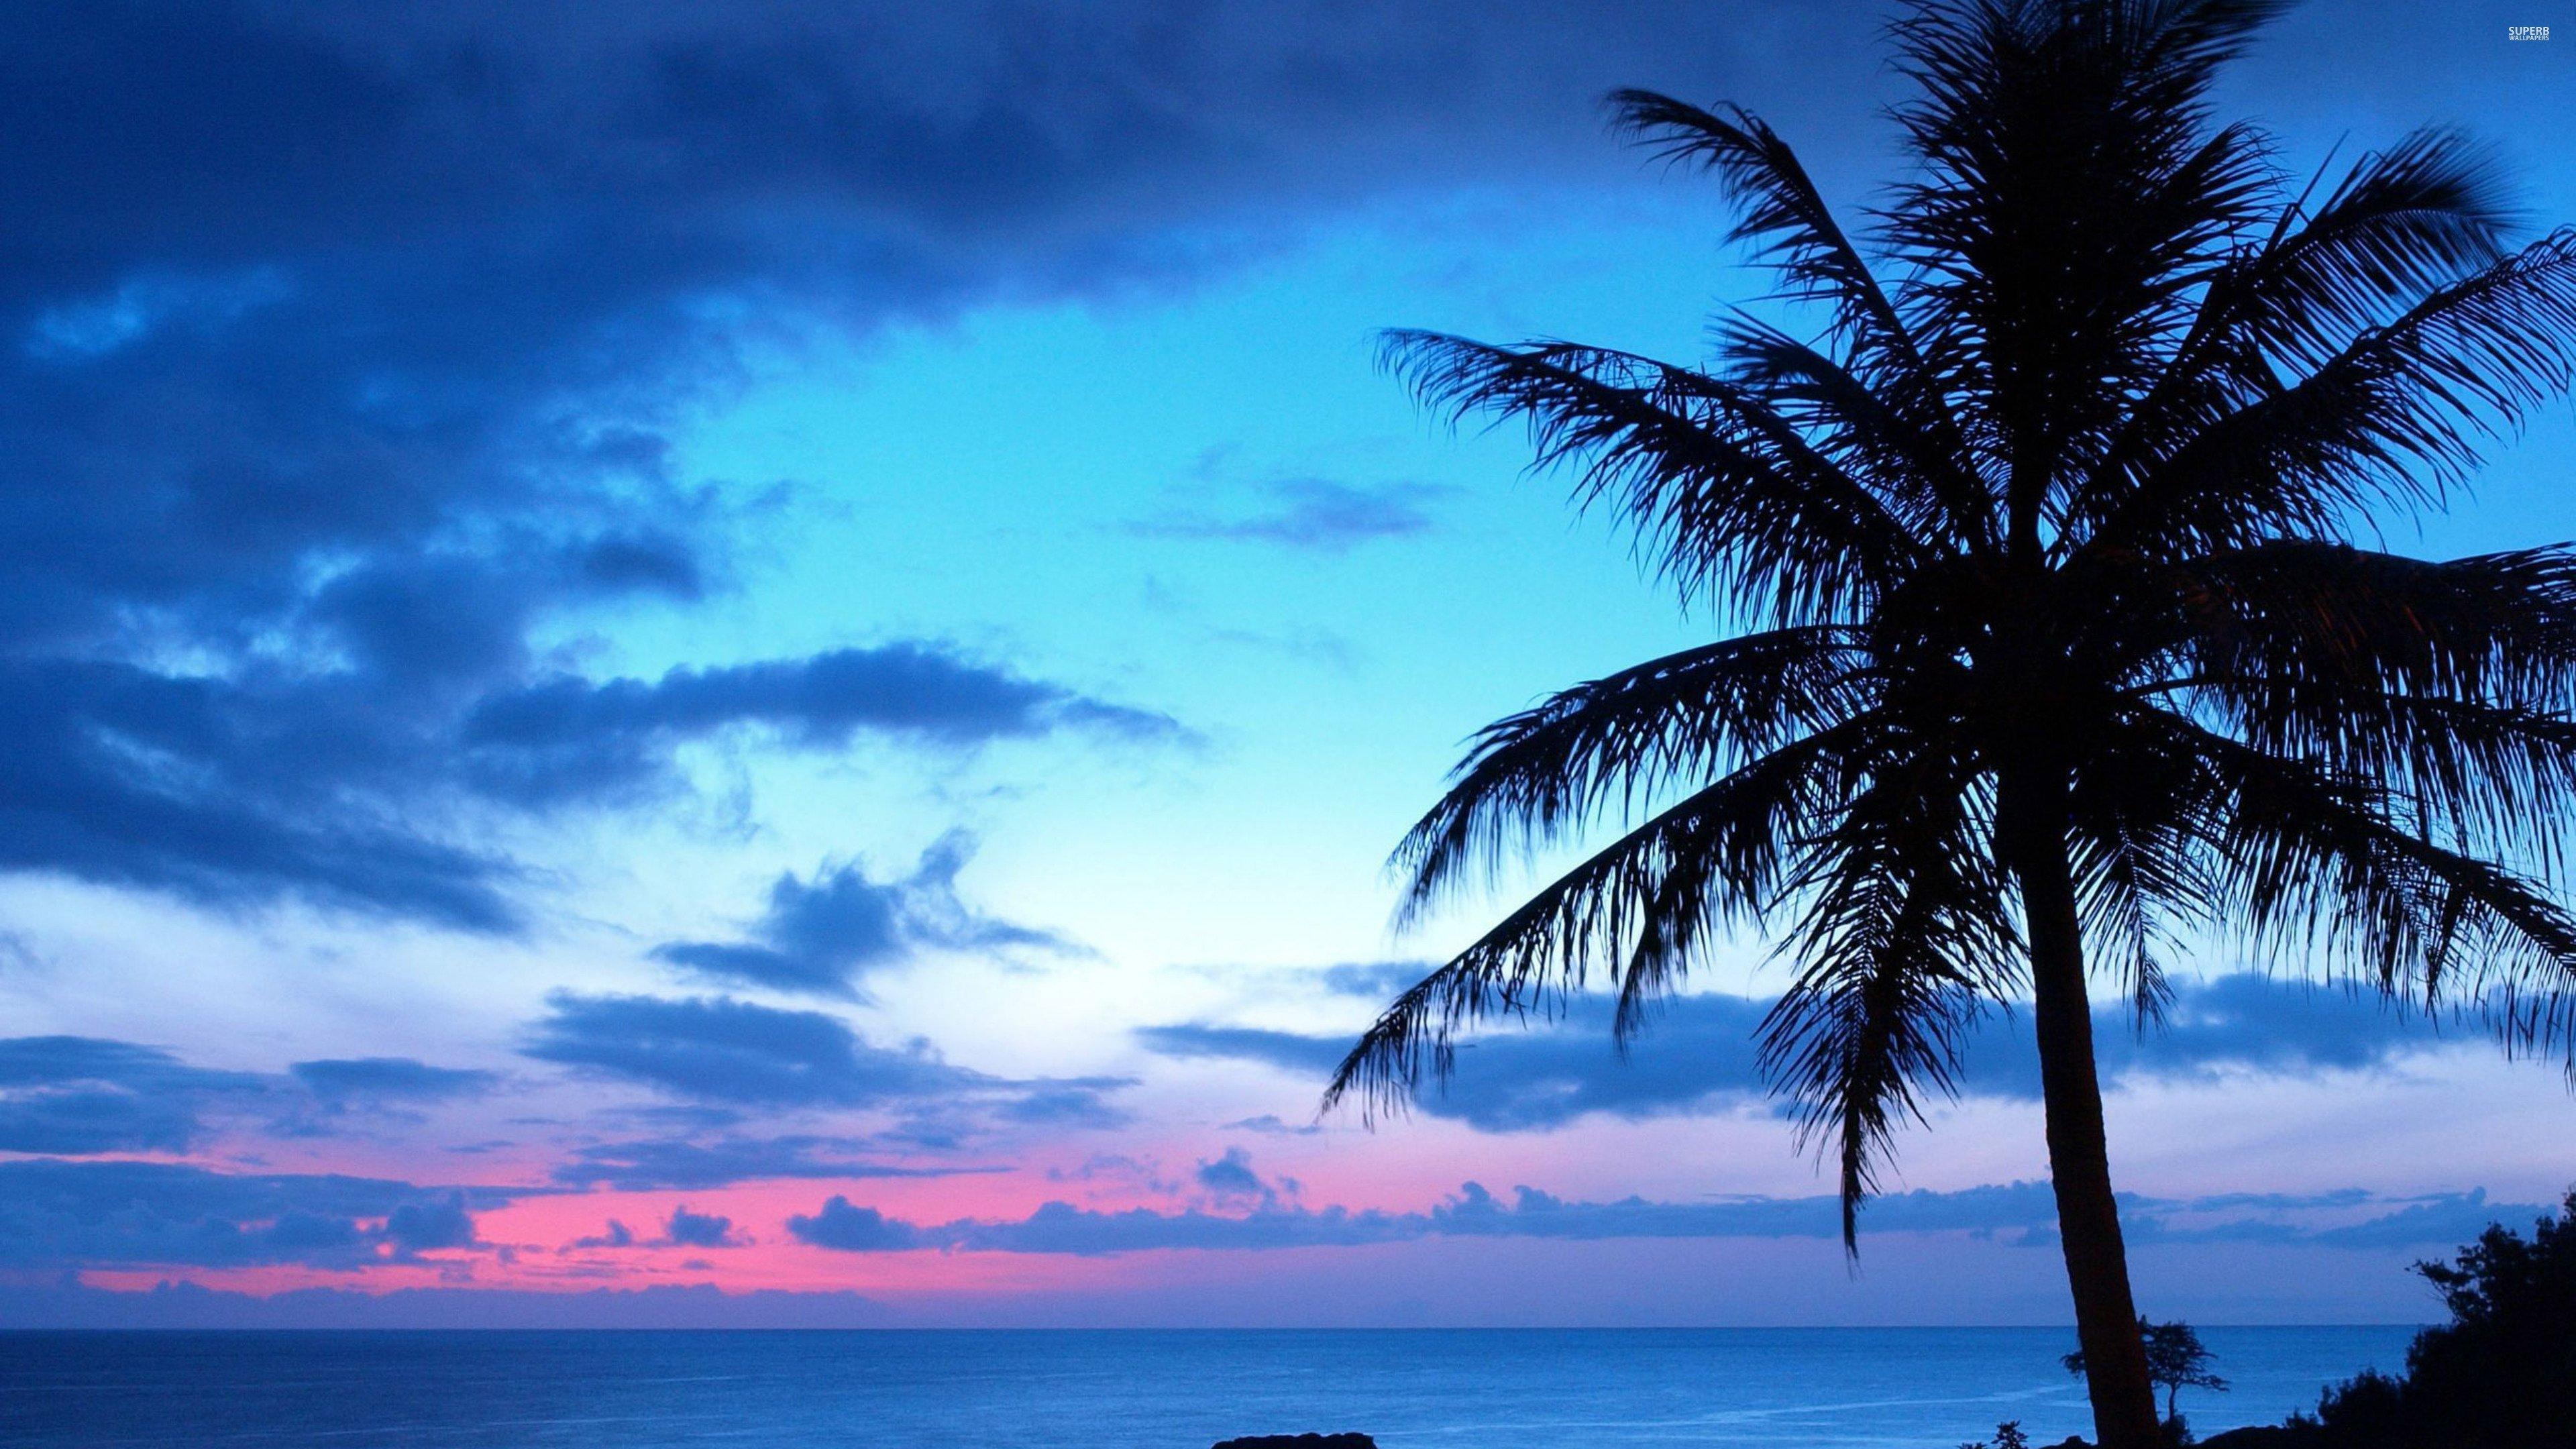 Blue sunset 27271 3840x2160 wallpaper 3840x2160 317469 3840x2160